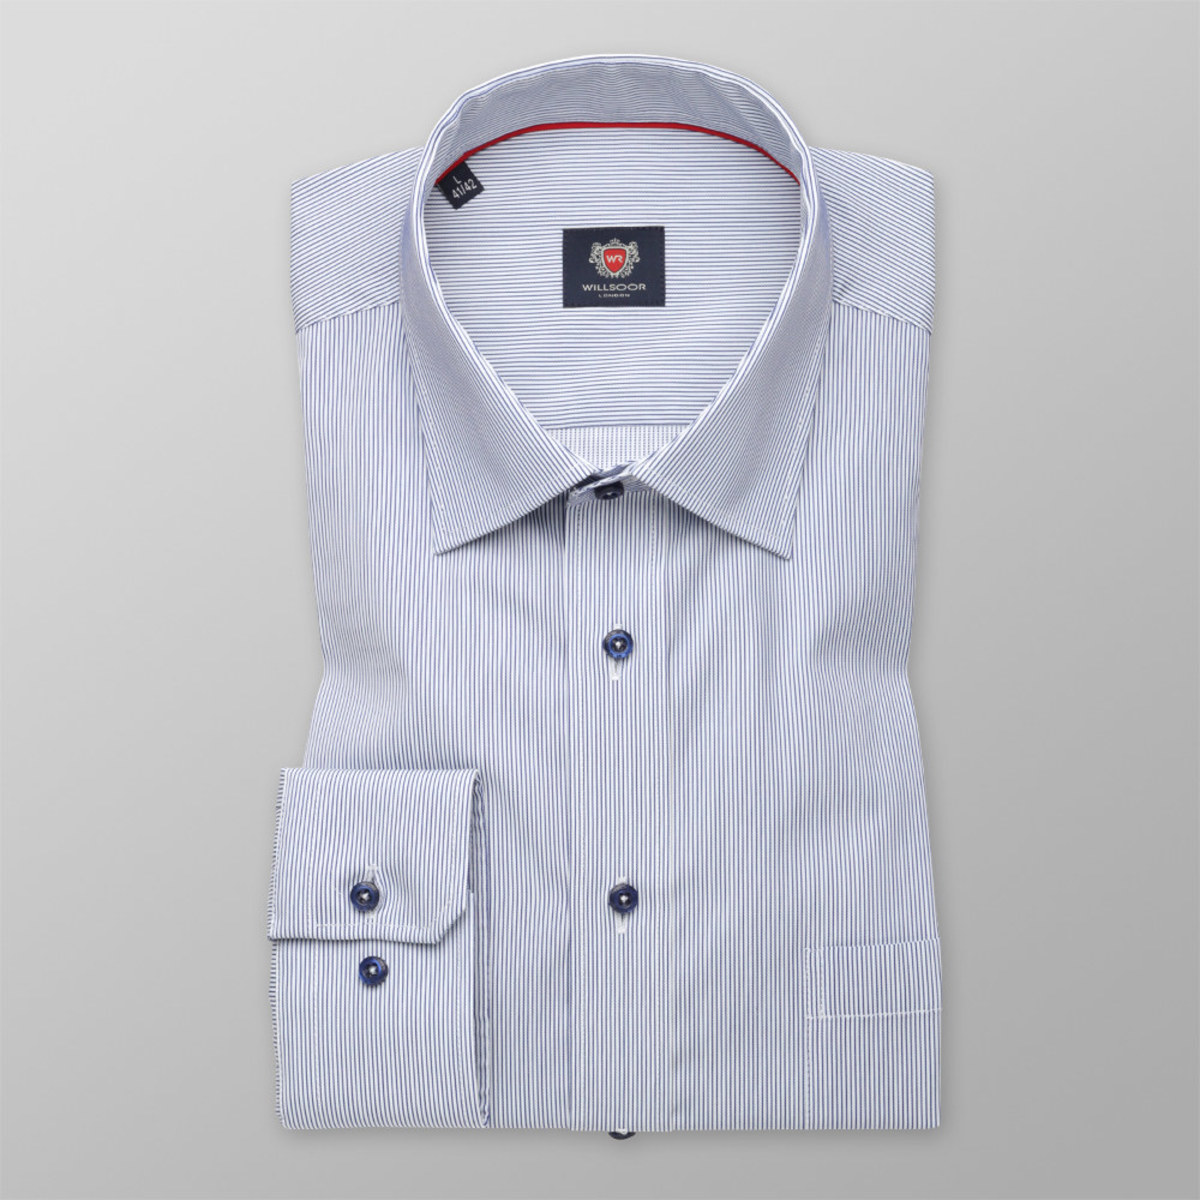 Košile London s pruhovaným vzorem (výška 176-182) 10224 176-182 / L (41/42)